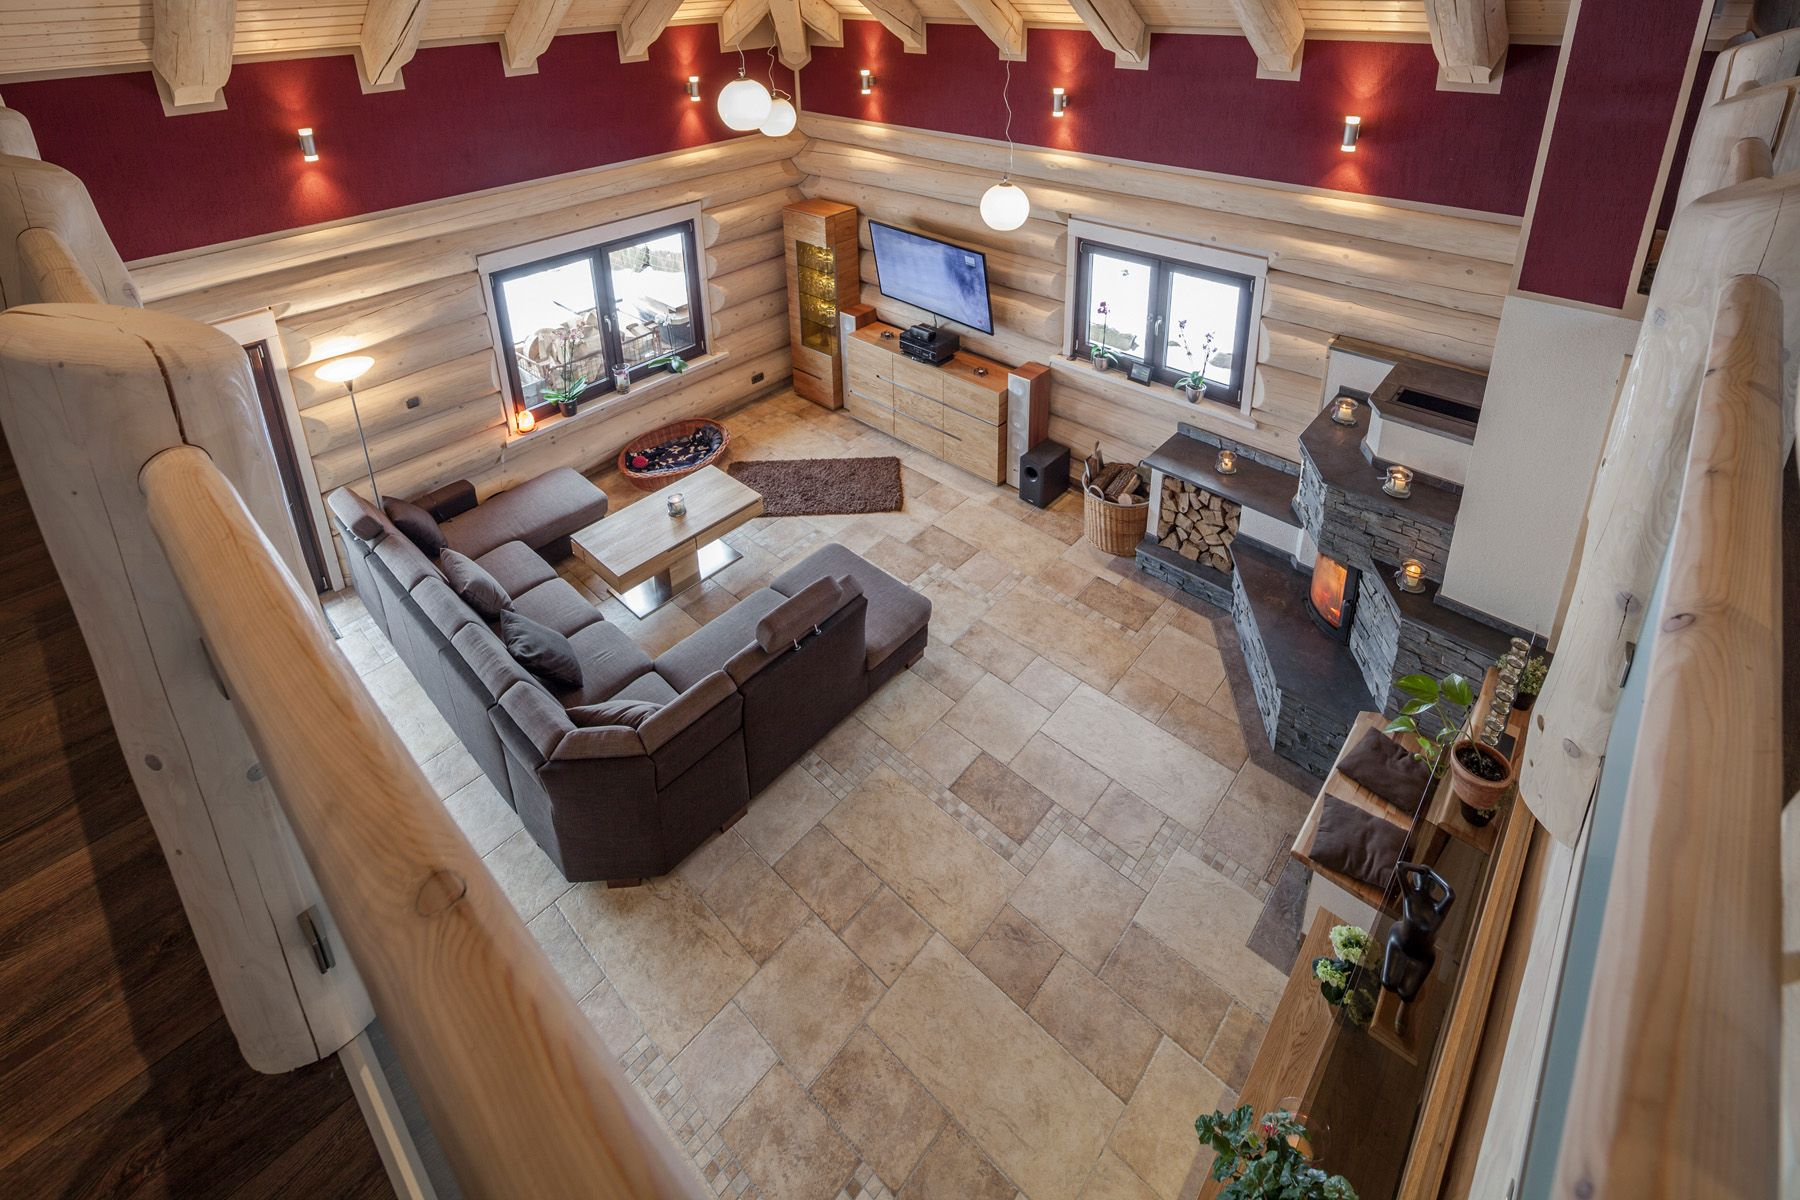 der lebensraum naturstammhaus - Modernes Wohnzimmer Des Innenarchitekturlebensraums